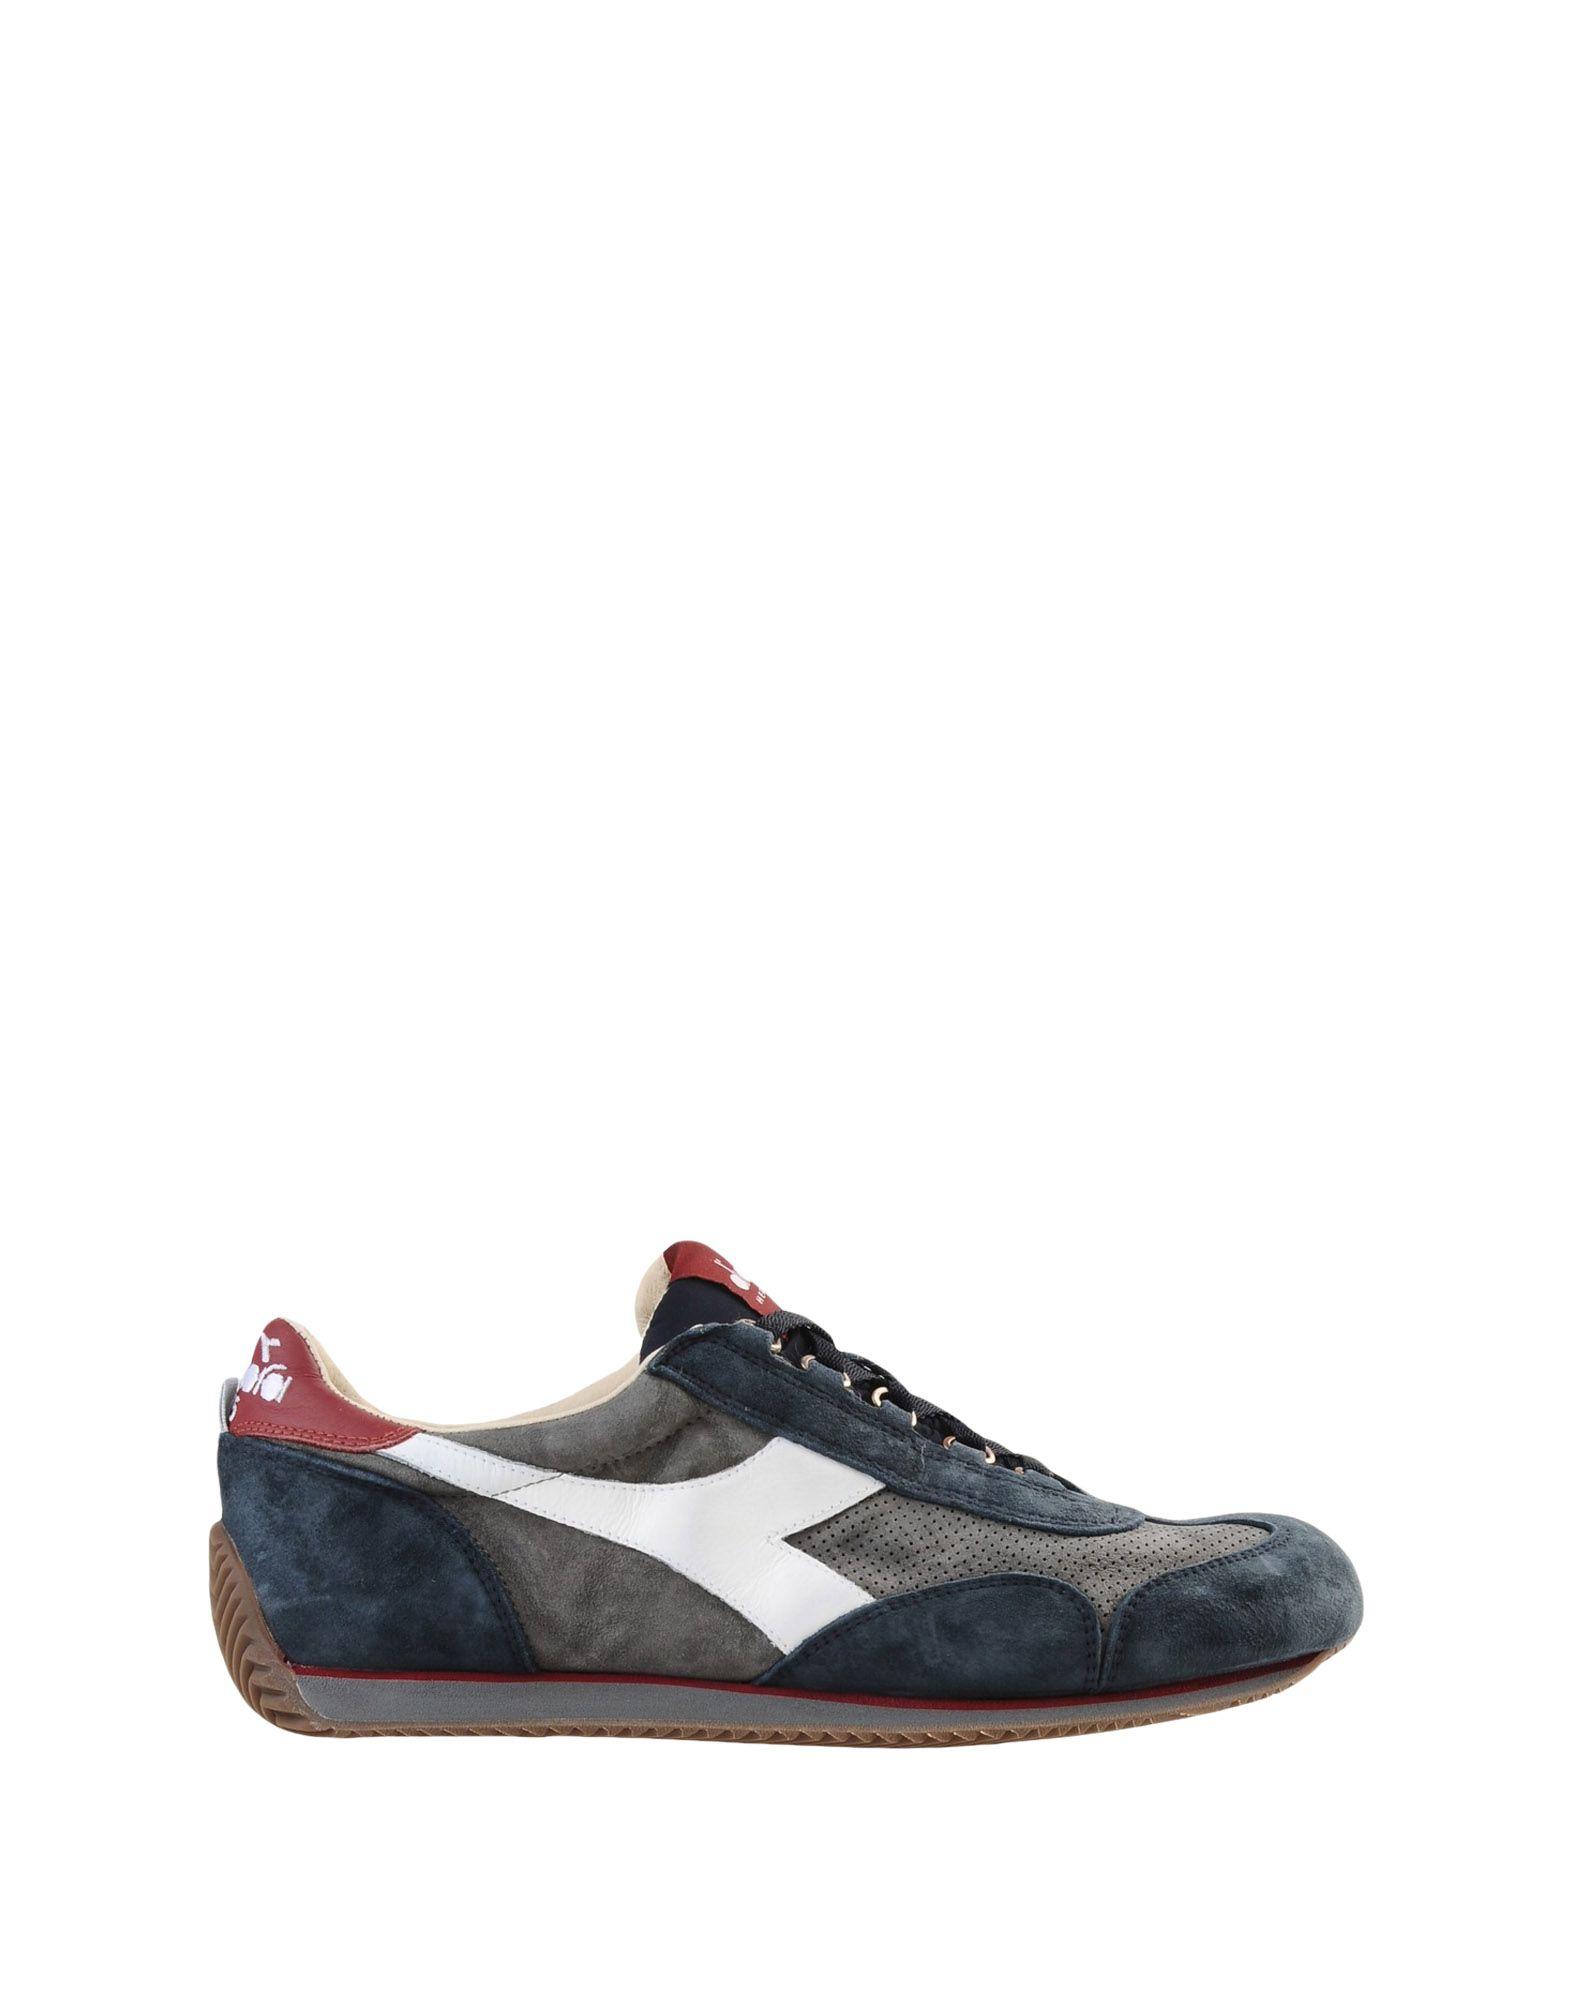 《セール開催中》DIADORA HERITAGE メンズ スニーカー&テニスシューズ(ローカット) グレー 6.5 革 / 紡績繊維 EQUIPE S SW 18